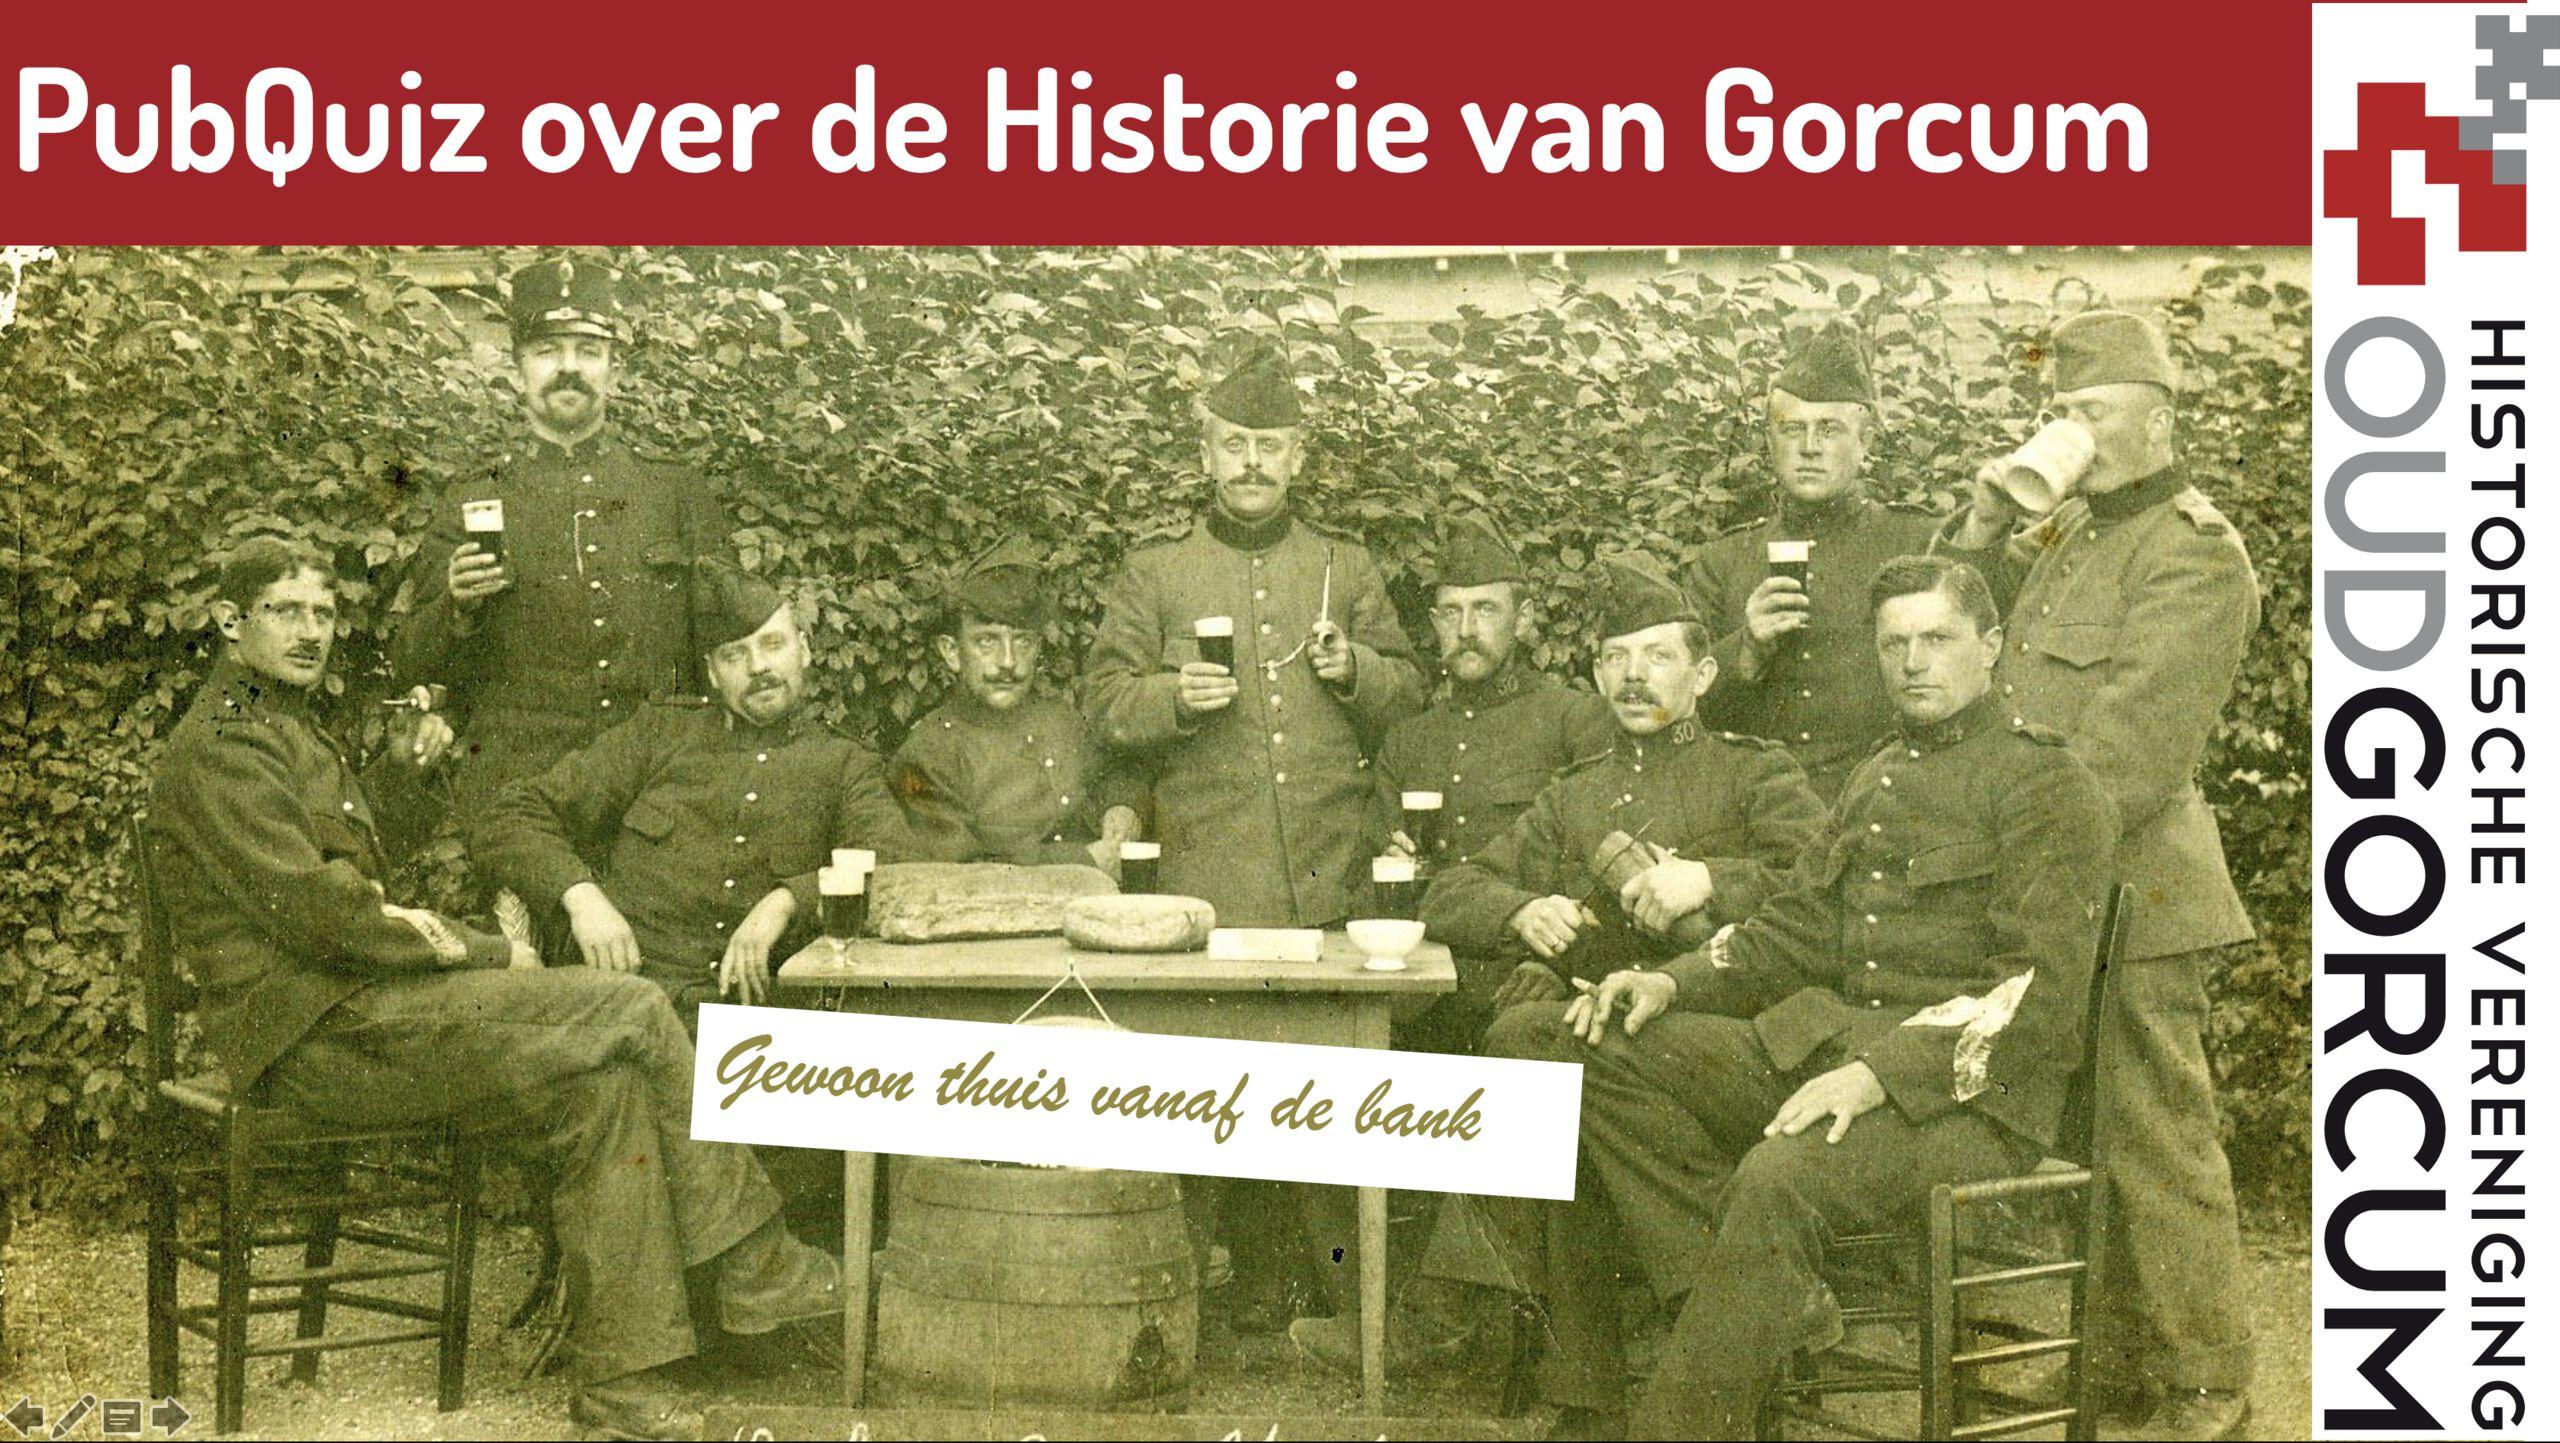 PubQuiz Oud Gorcum